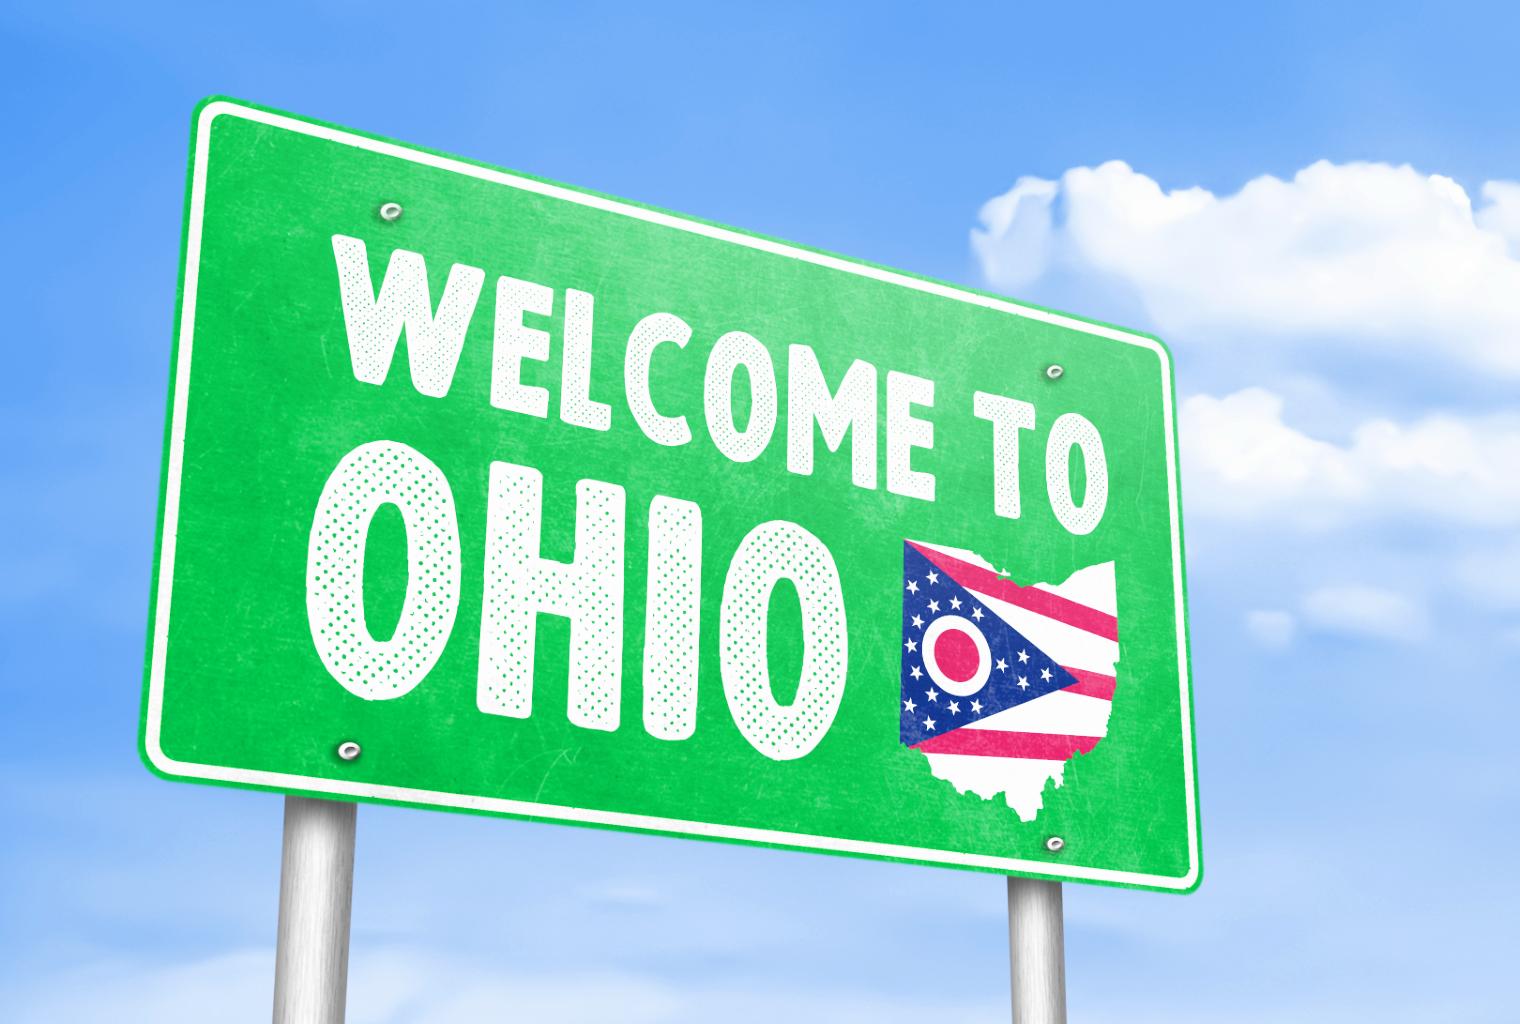 El programa de criptografía de Ohio golpea un inconveniente, el Procurador General lo encuentra ilegal